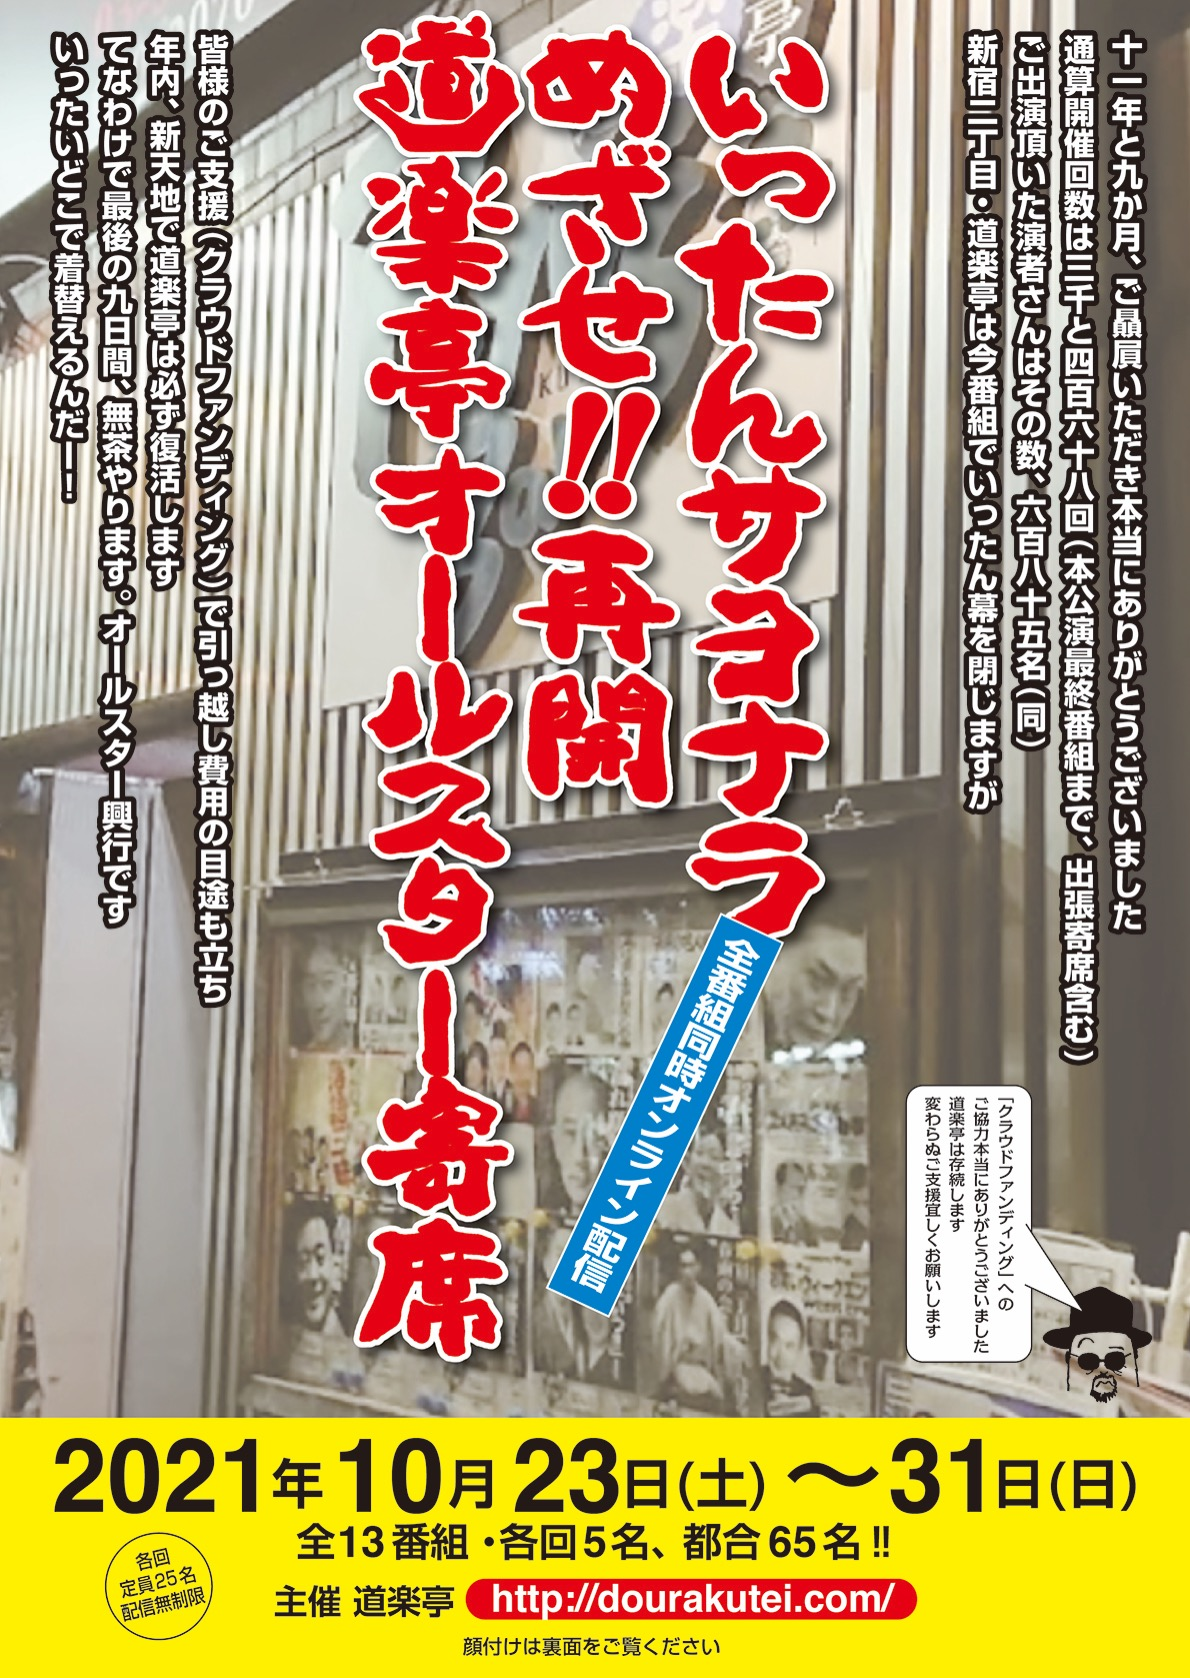 道楽亭いったんサヨナラ、目指せ再開オールスター公演~道楽亭に華が咲く!